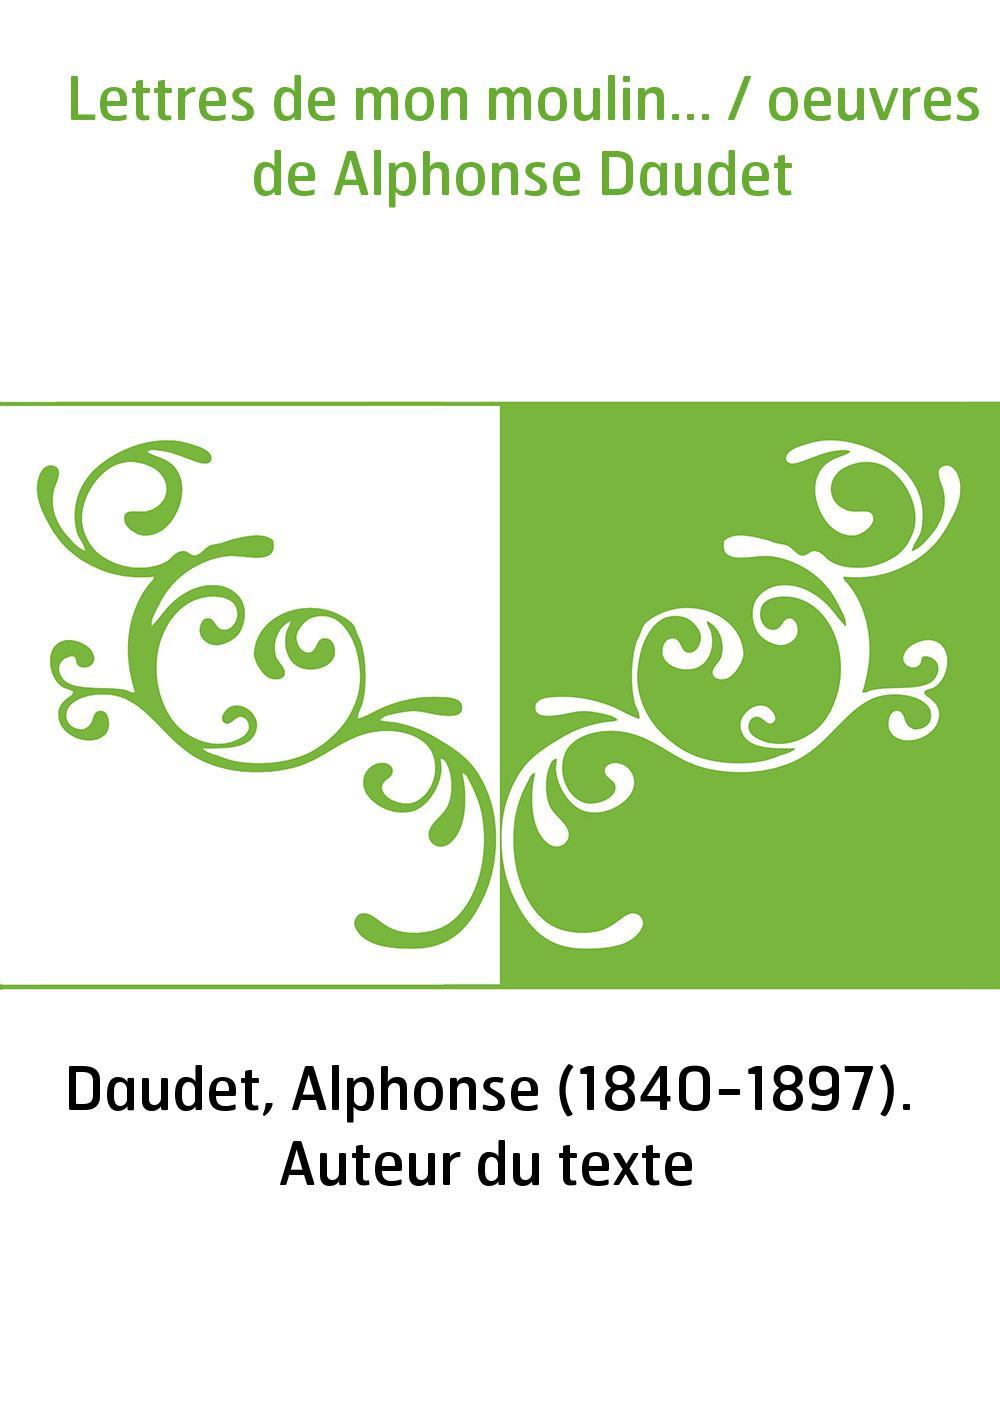 Lettres de mon moulin... / oeuvres de Alphonse Daudet